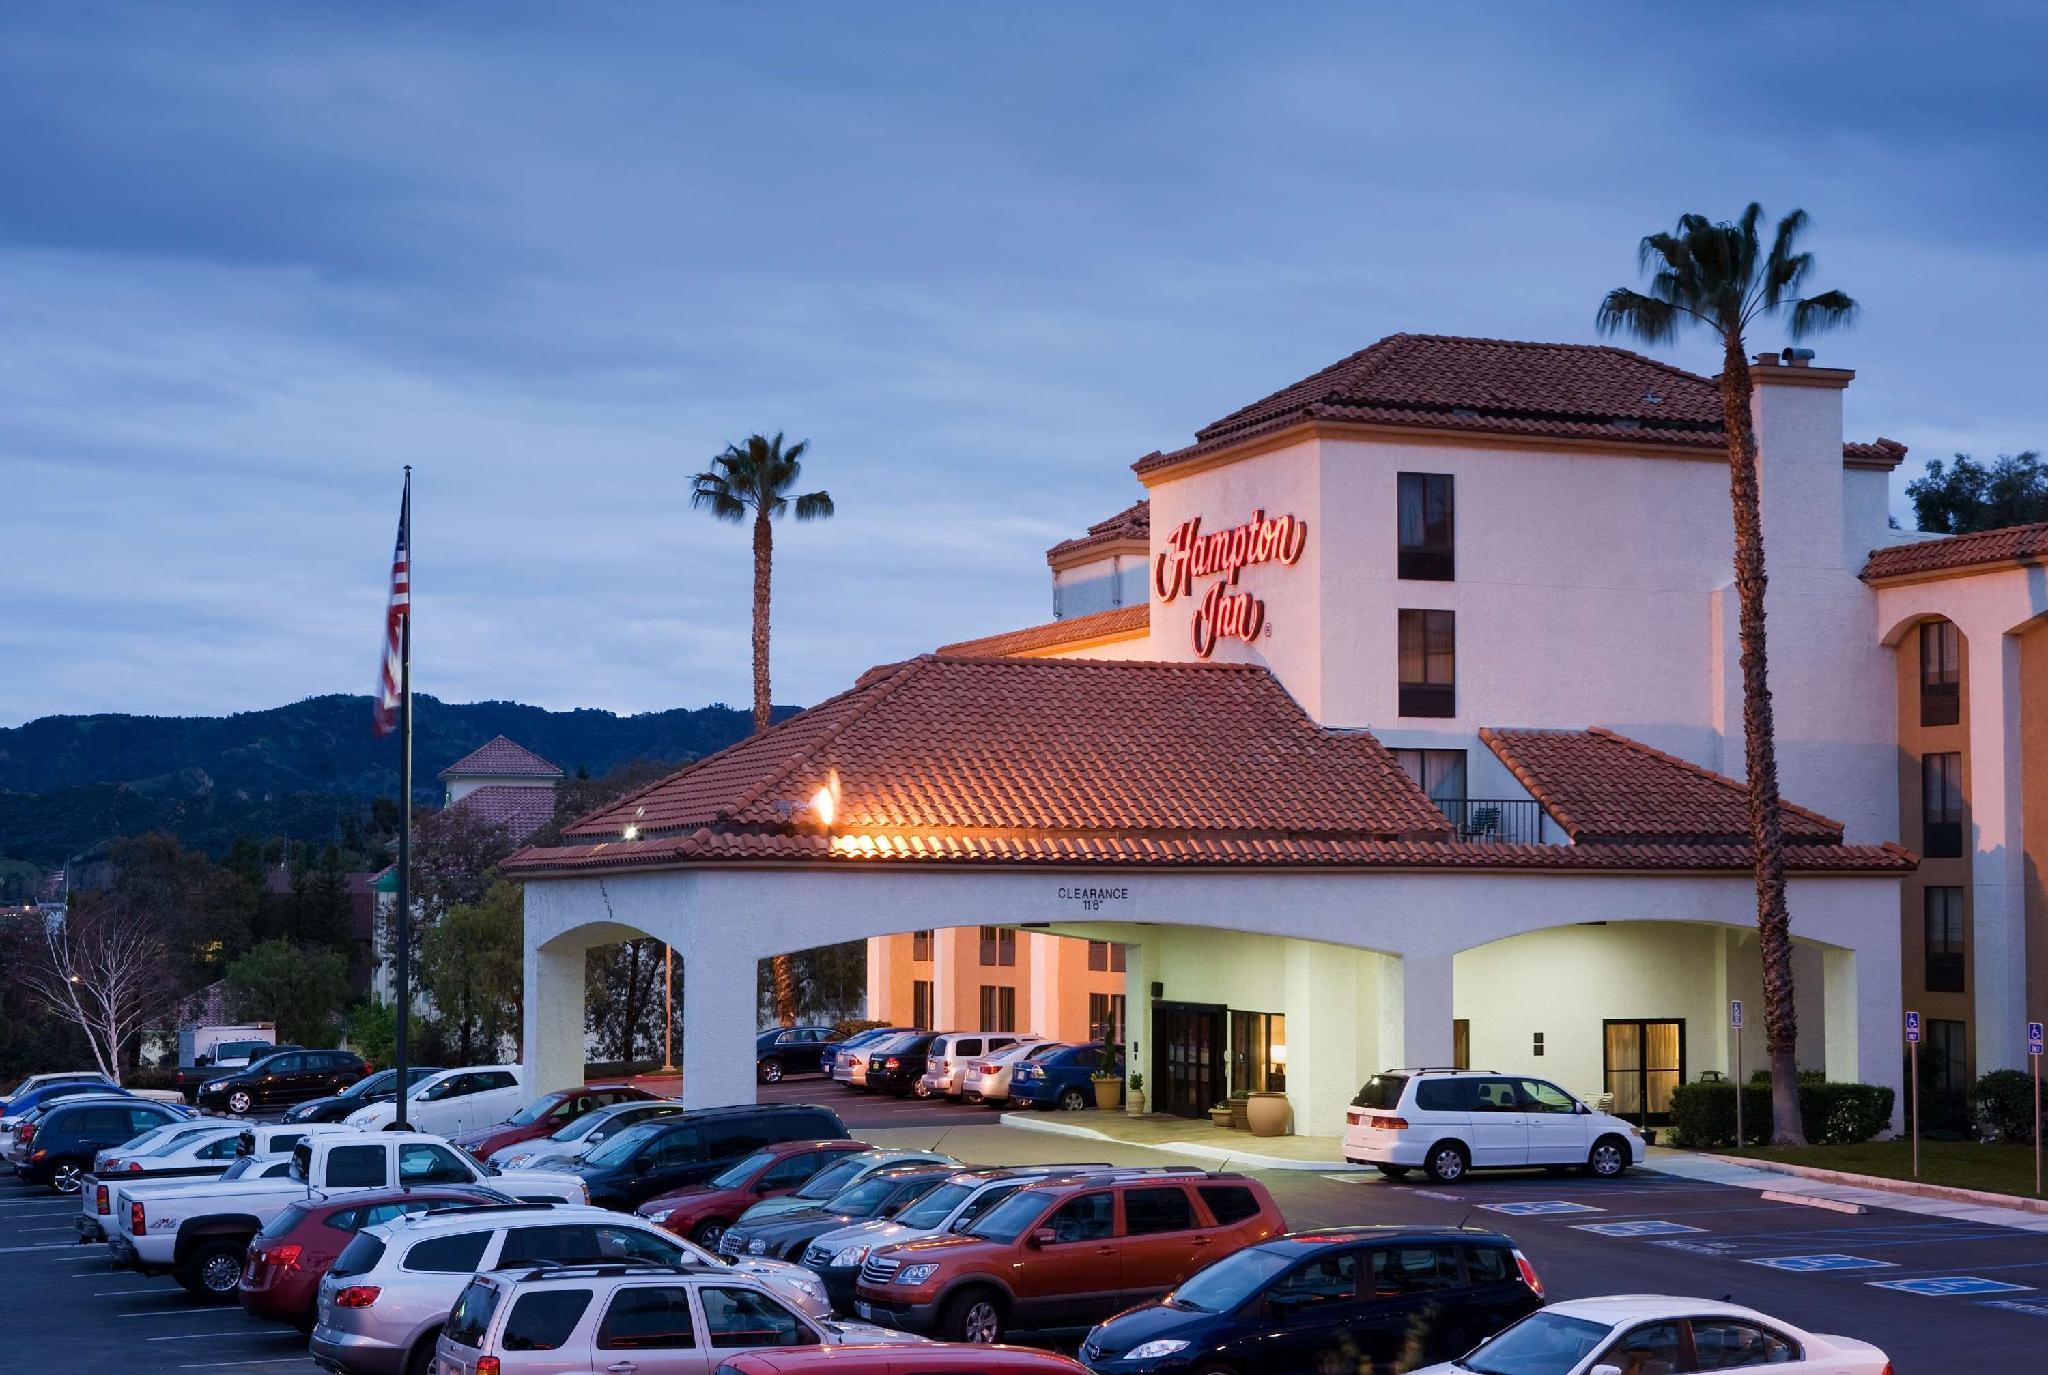 Hampton Inn Los Angeles Santa Clarita Hotel